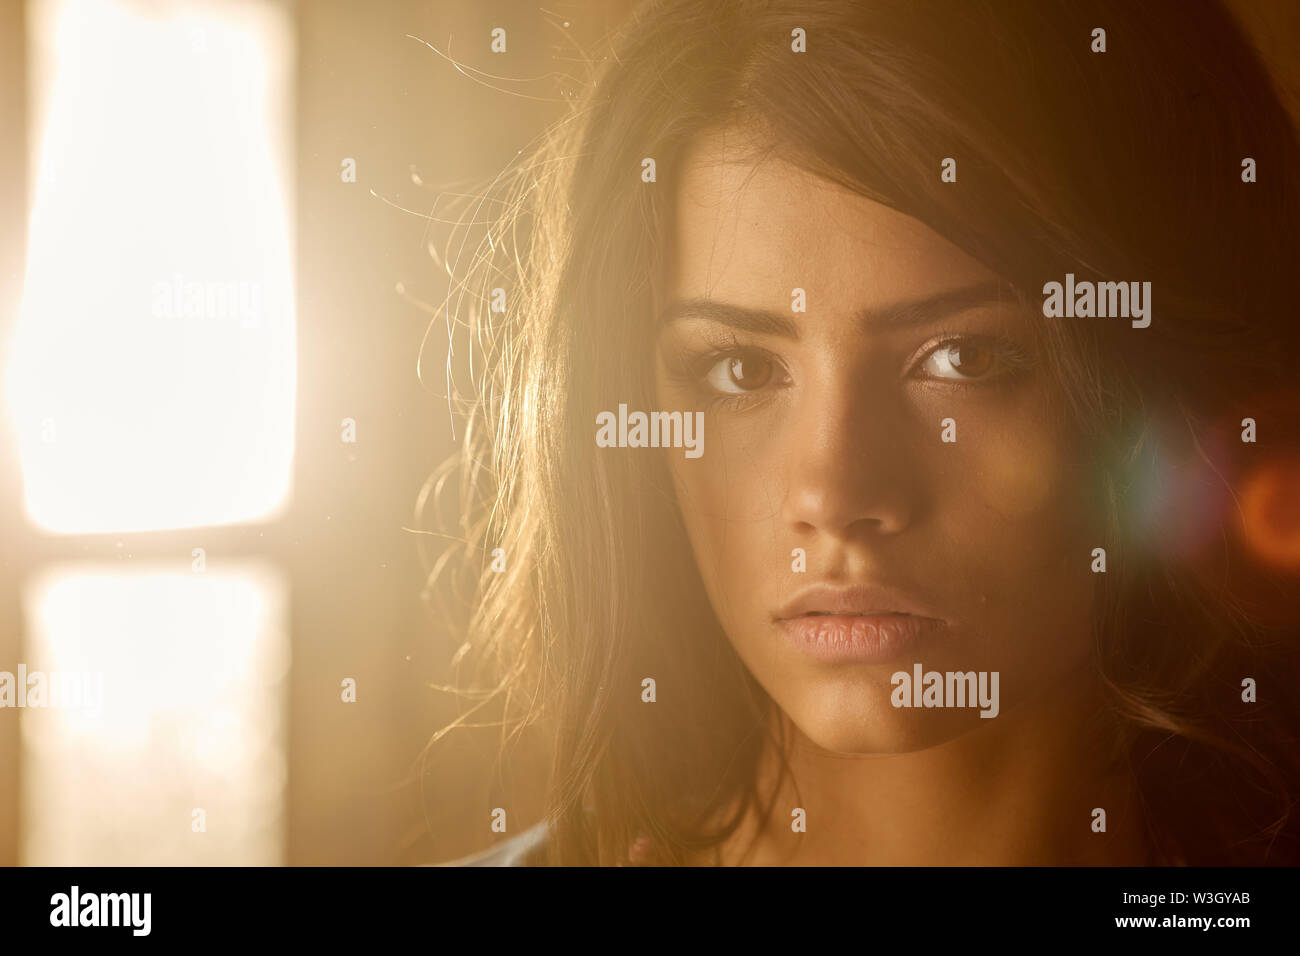 Schön trauriges Mädchen am Fenster an einem sonnigen Tag. Stockbild